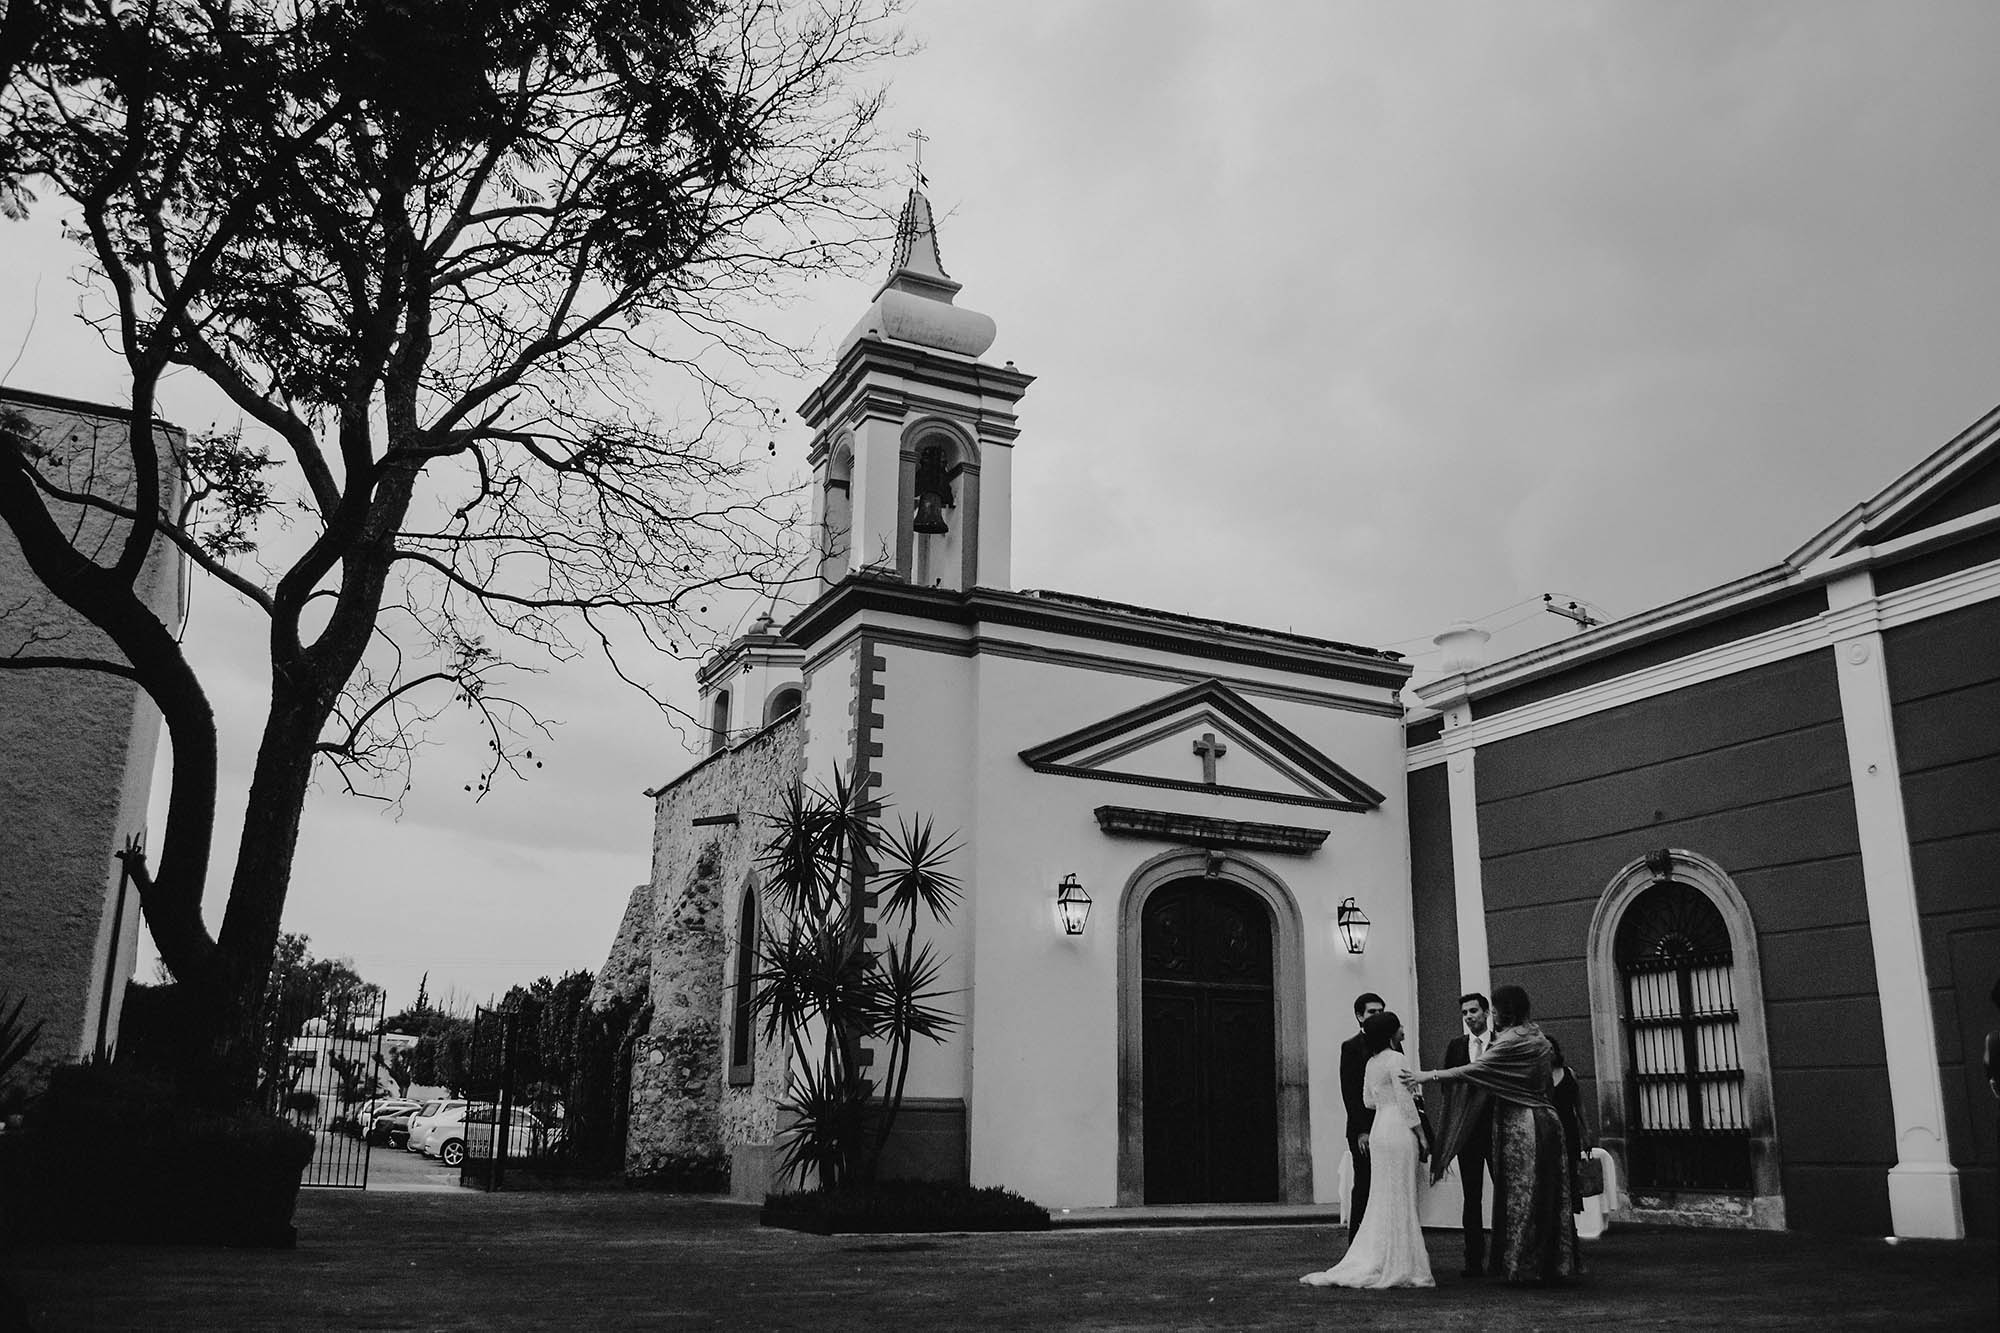 fotografia-de-boda-destino-Jimena-Mañon-Javier-Mere-33.jpg